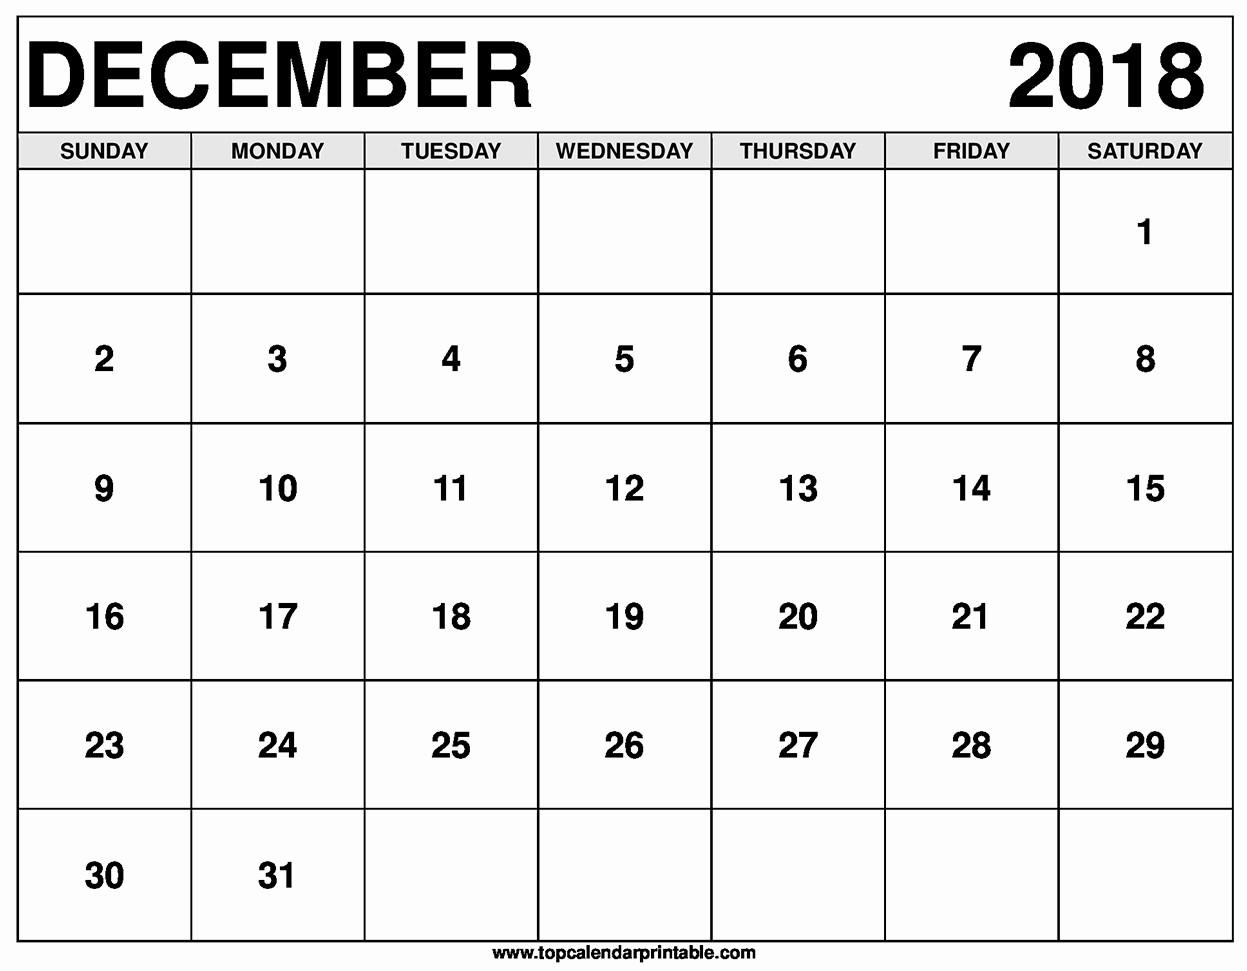 Blank Calendar Template December 2018 New December 2018 Calendar